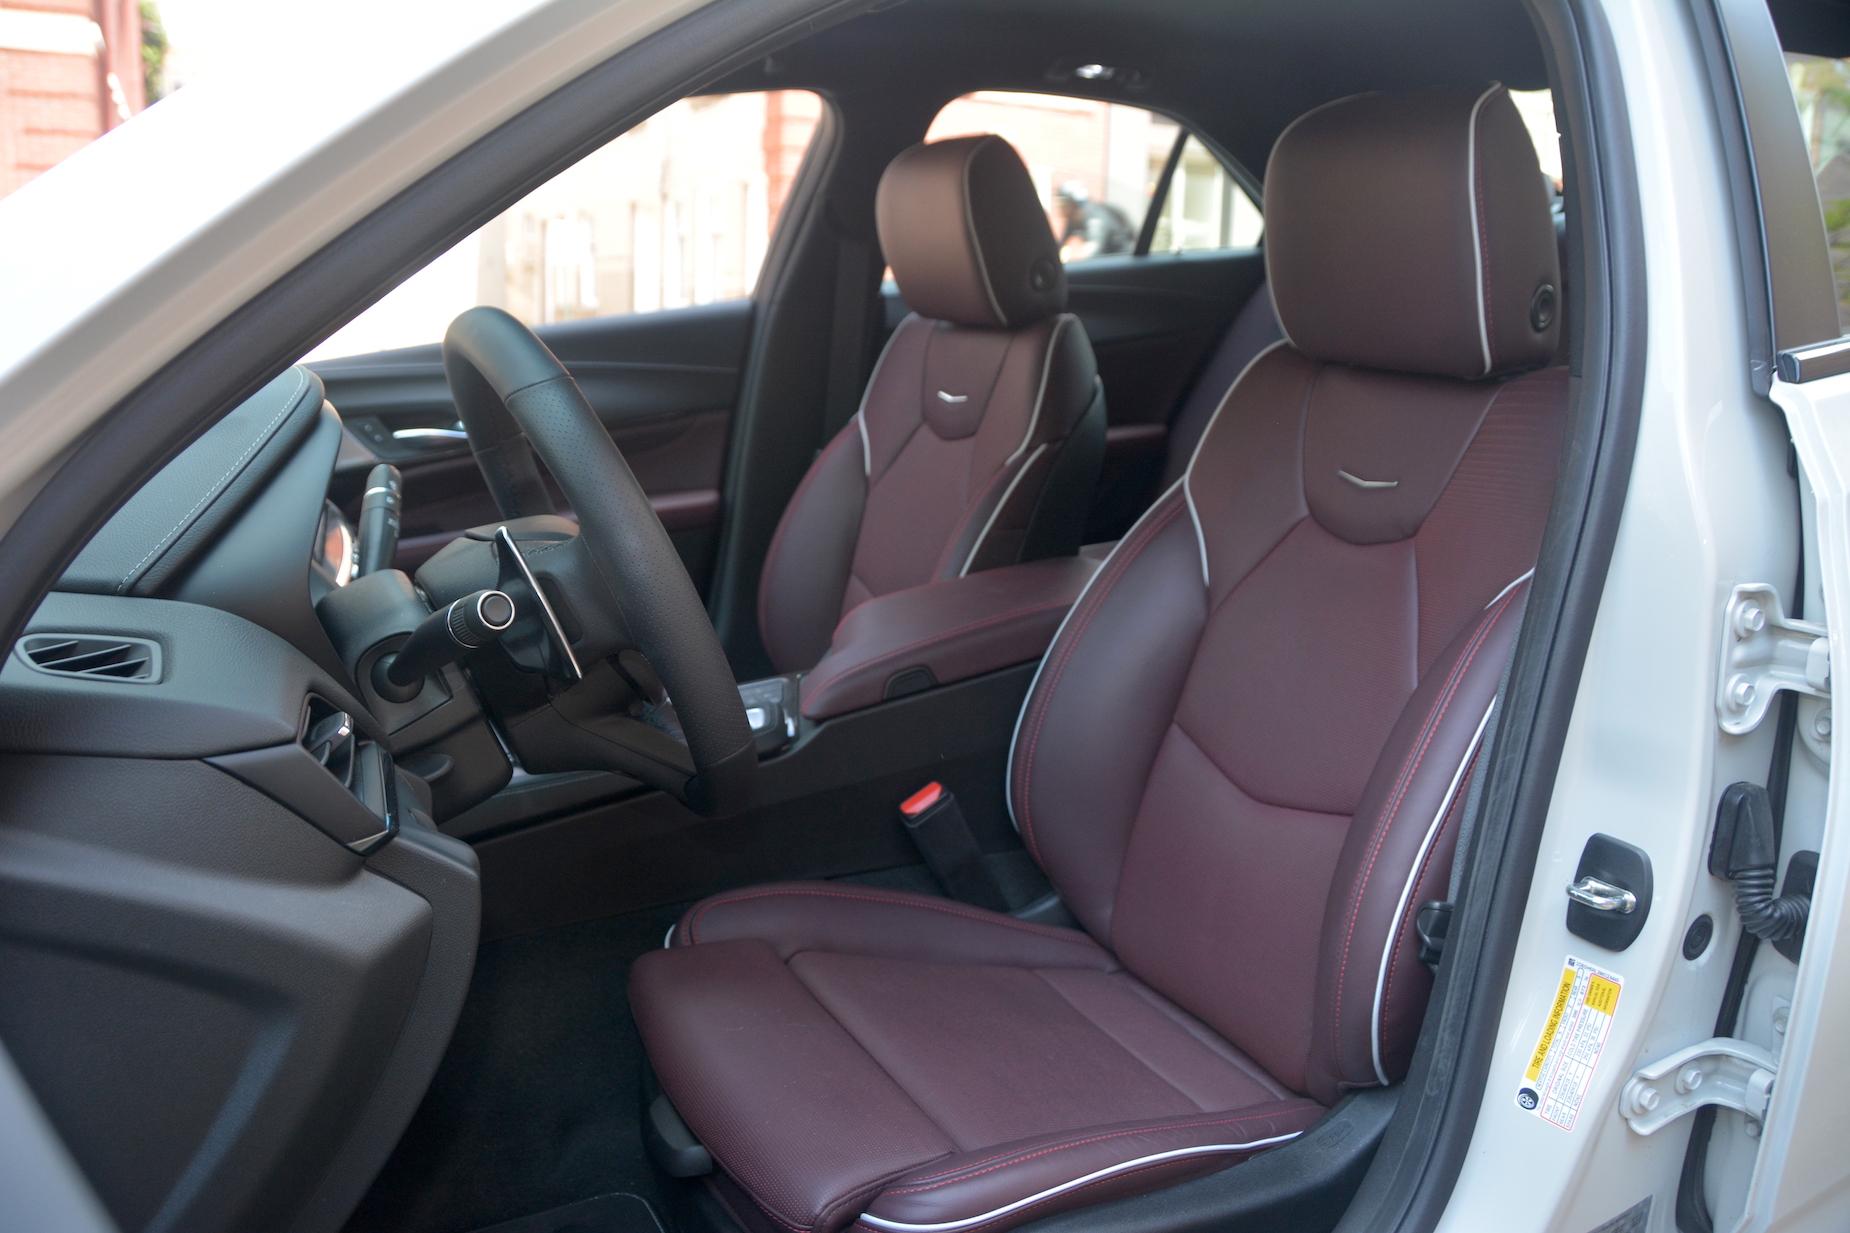 2021 Cadillac CT4-V seats